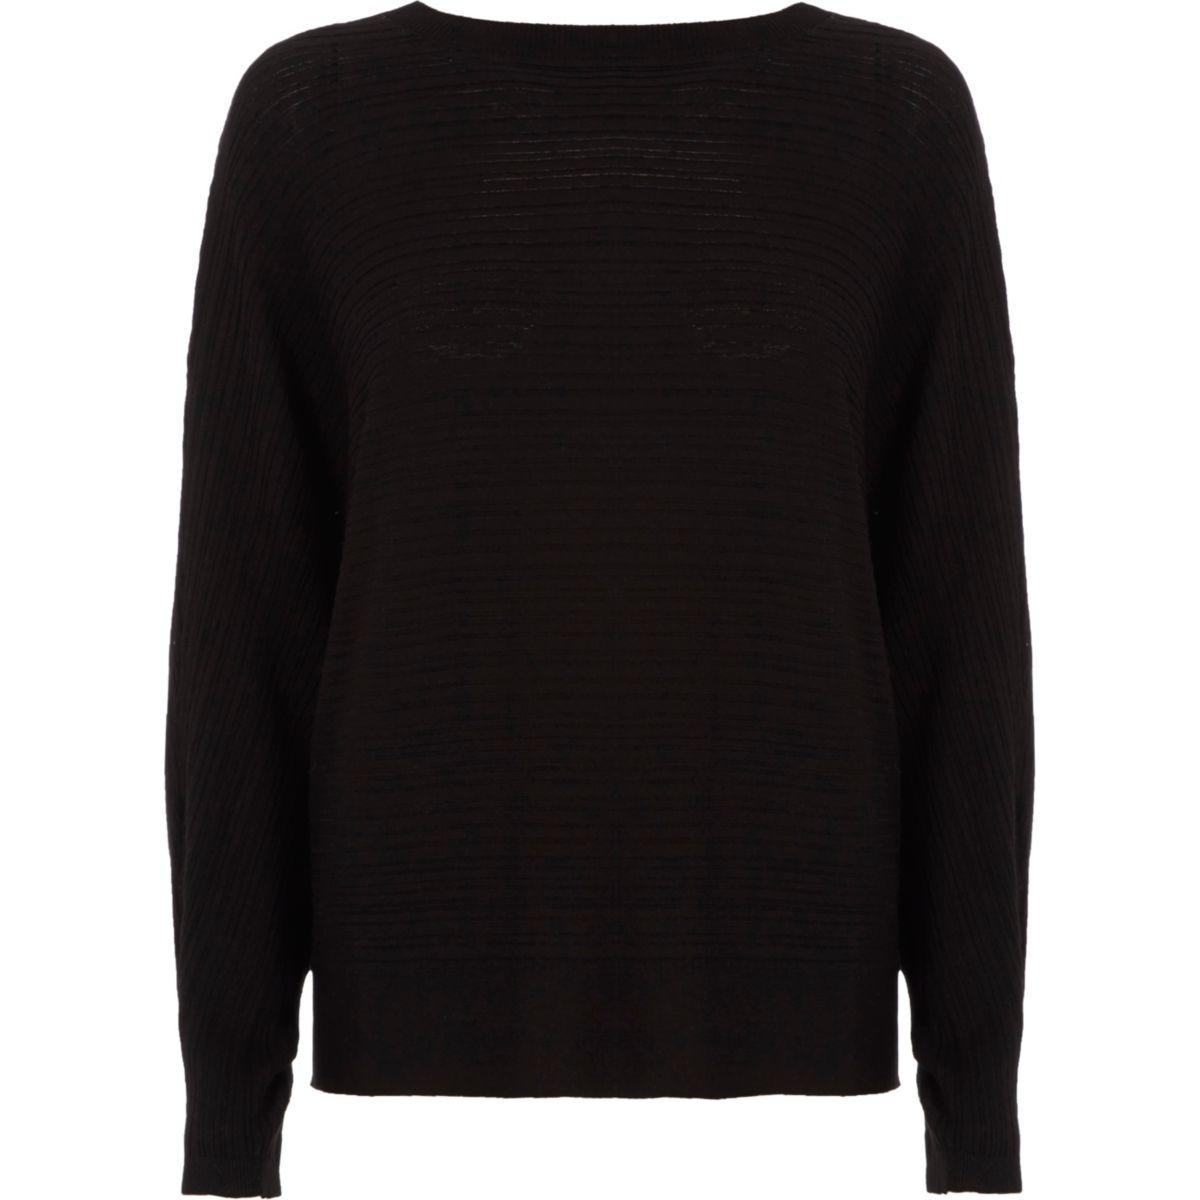 Black ribbed tie back knit sweater - Sweaters - Knitwear - women